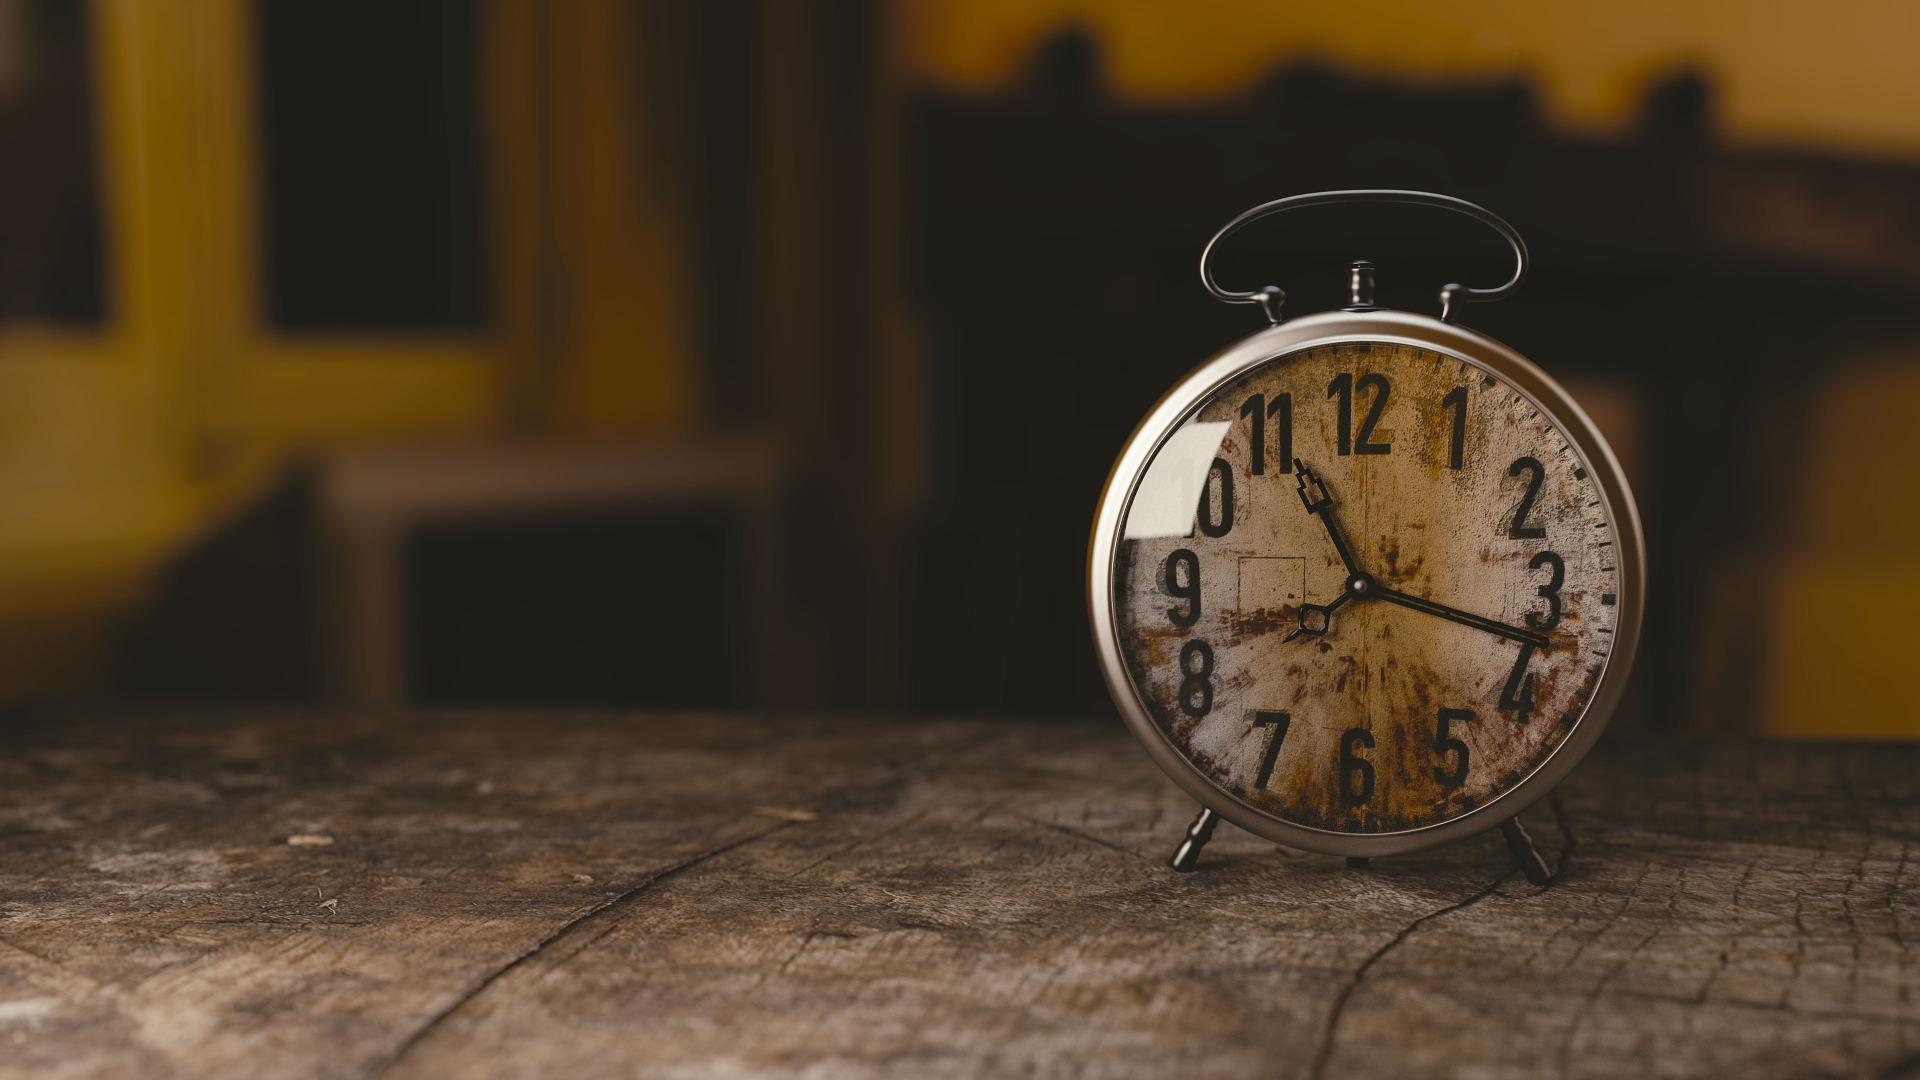 reloj, despertador, времБудиЧасы�икarma, horas, Старый, Винтаж - Обои HD - Профессор falken.com